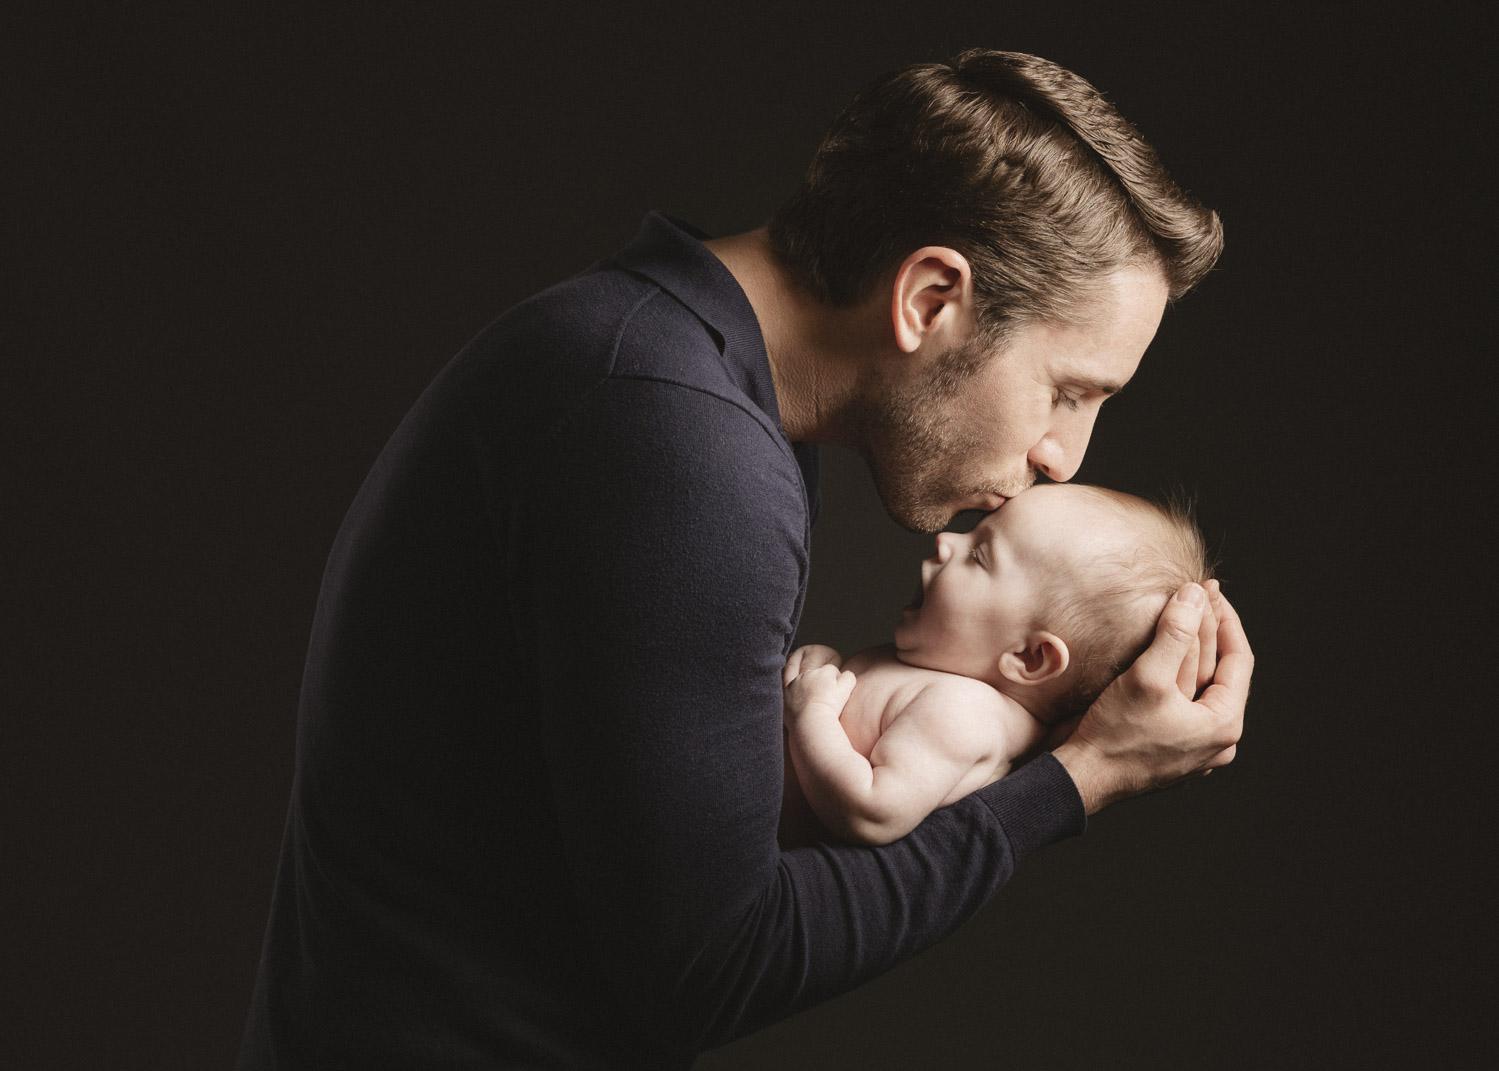 BabyPhotography-3.jpg